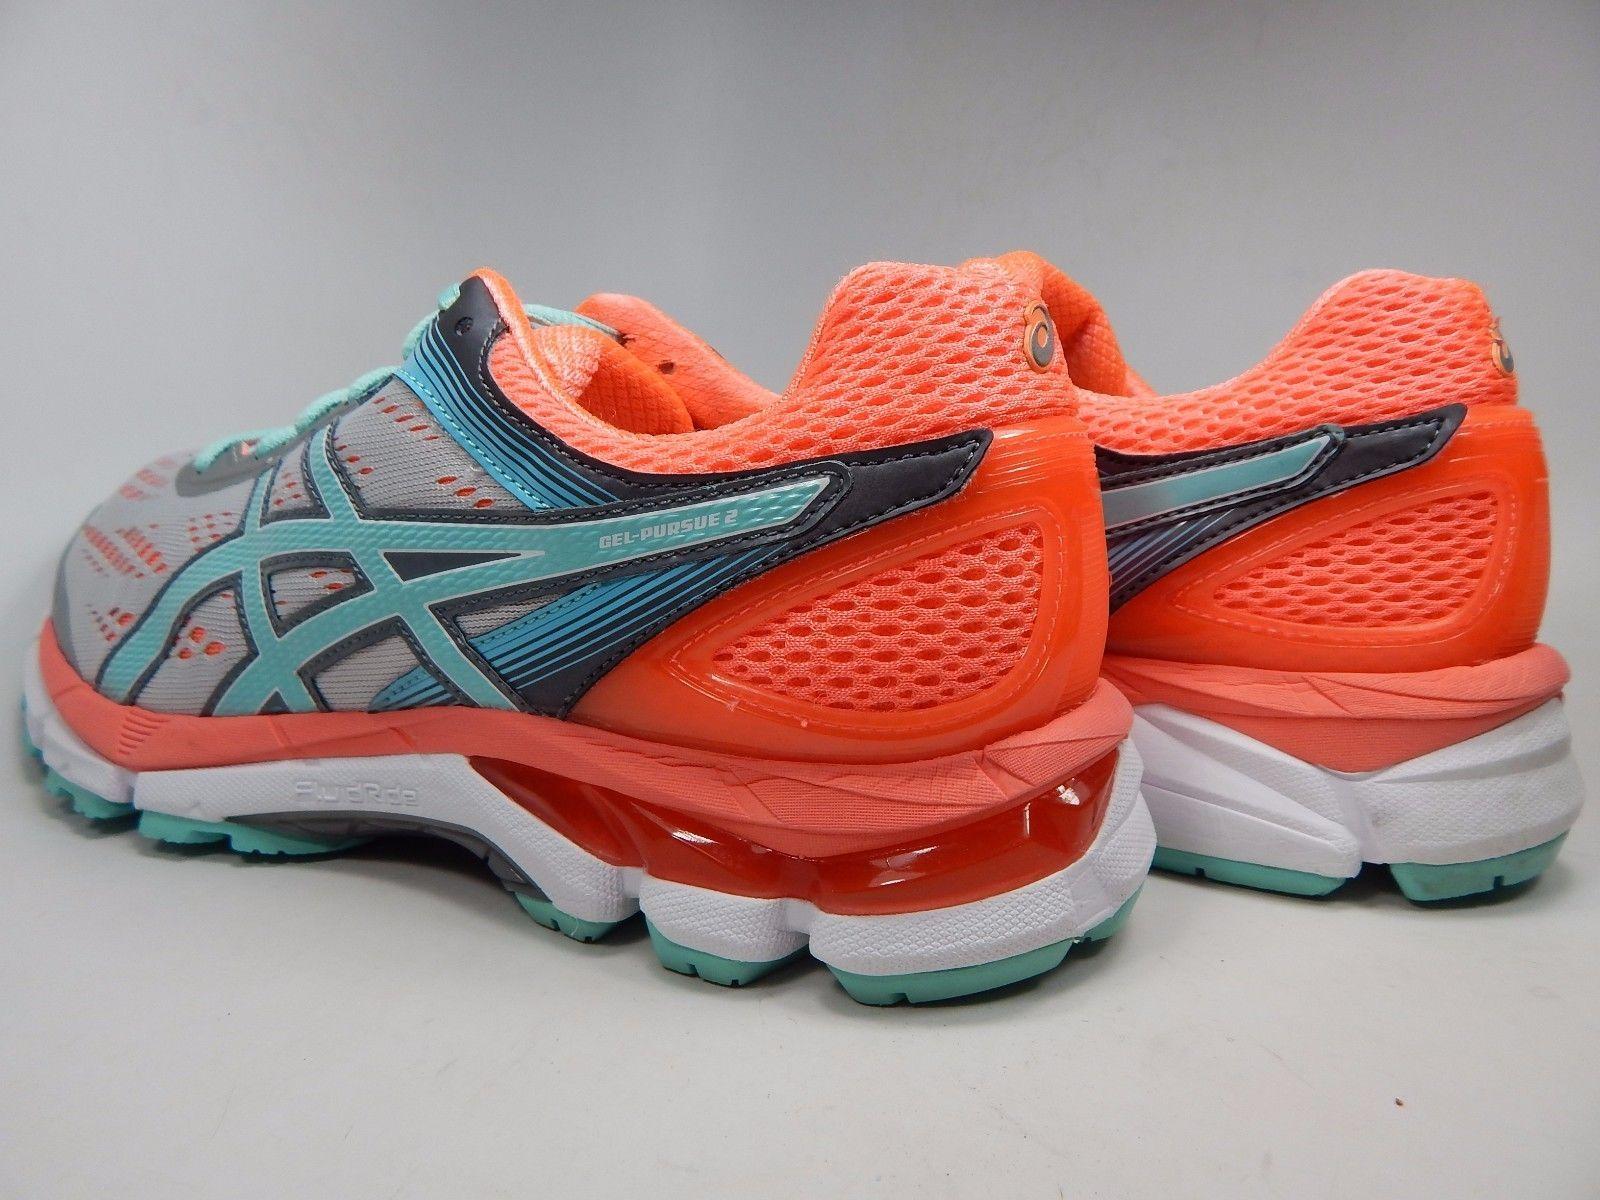 Chaussures de course Asics M Gel Pursue 2 EU Asics pour femme Taille US M (B) EU 0a69be6 - discover-voip.info